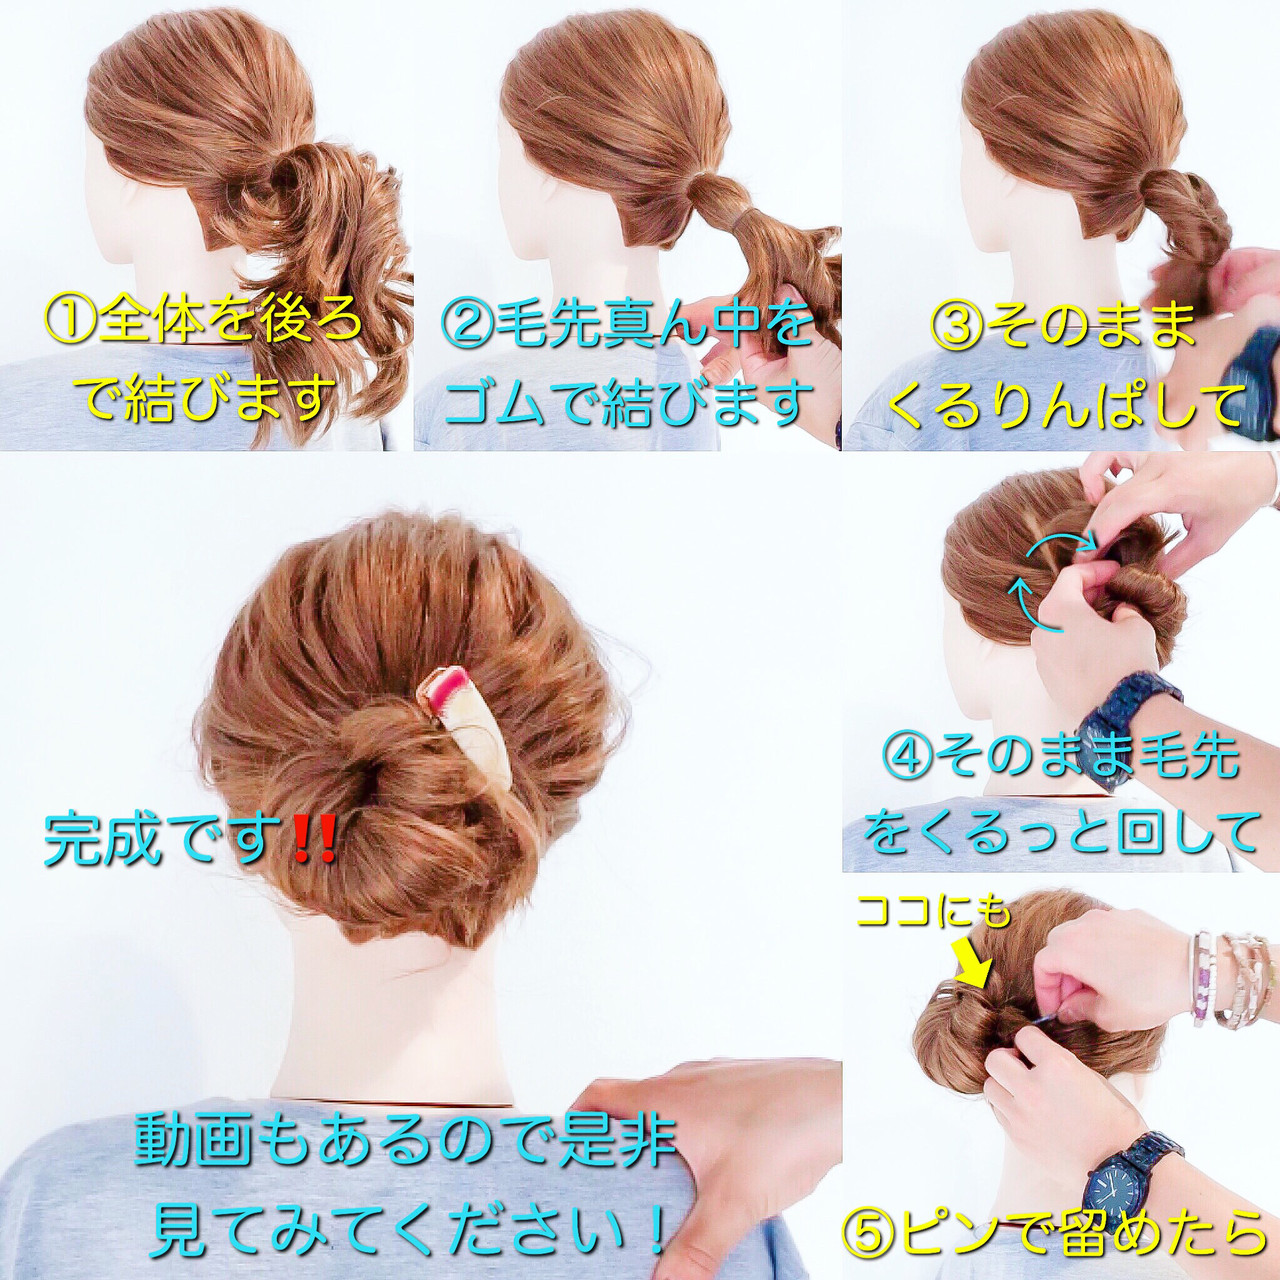 セルフアレンジ くるりんぱ 簡単ヘアアレンジ アップスタイル ヘアスタイルや髪型の写真・画像 | 美容師HIRO/Amoute代表 / Amoute/アムティ